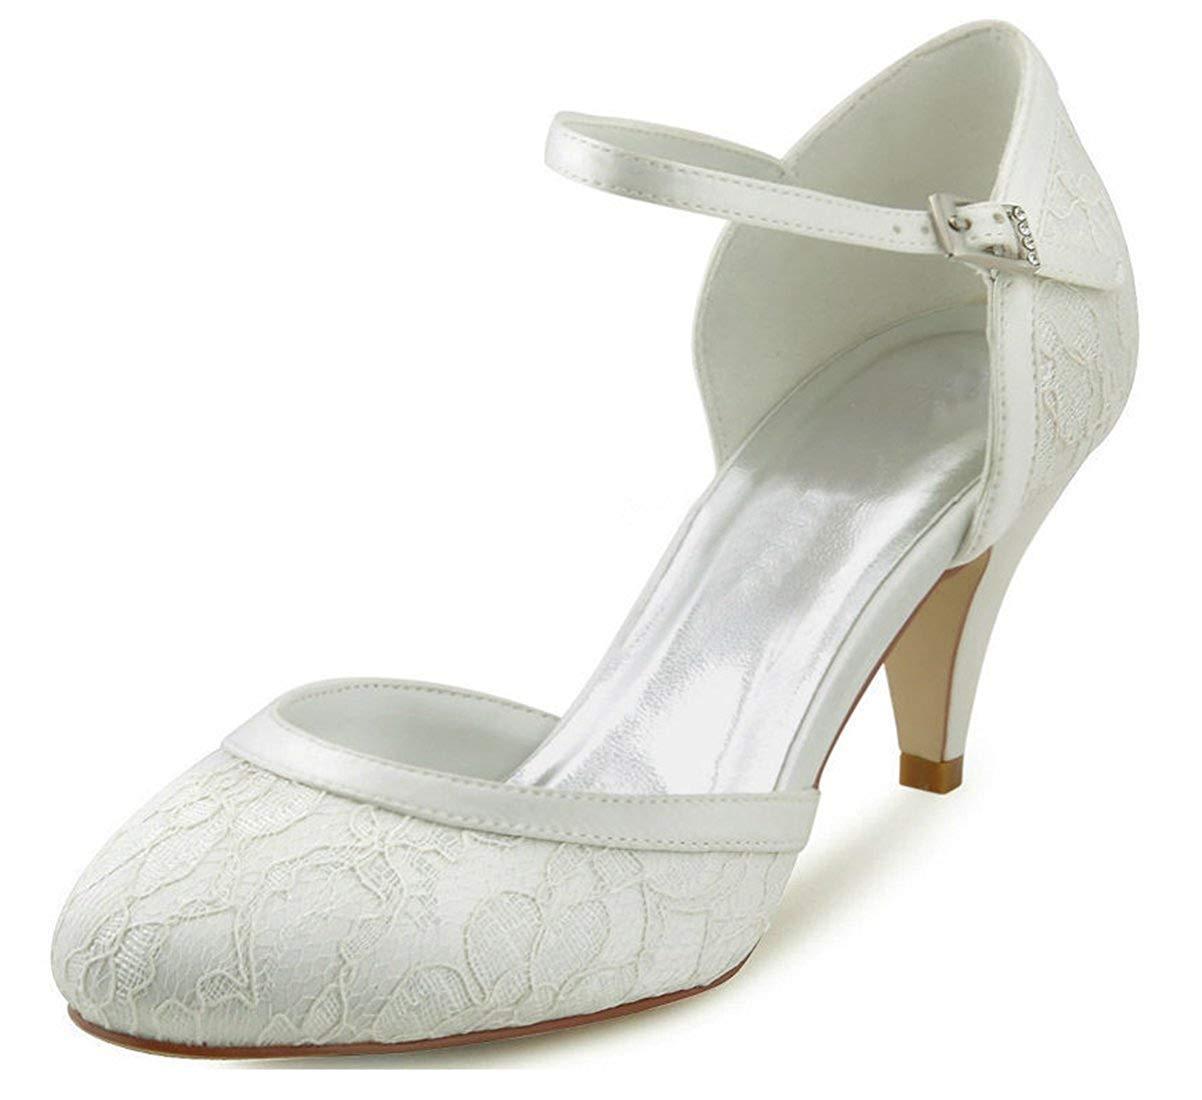 Qiusa Damen Mandel Zehe handgemachte Retro Spitze Braut Braut Braut Hochzeit Abendschuhe (Farbe   Ivory-5cm Heel Größe   5.5 UK) 8bed67